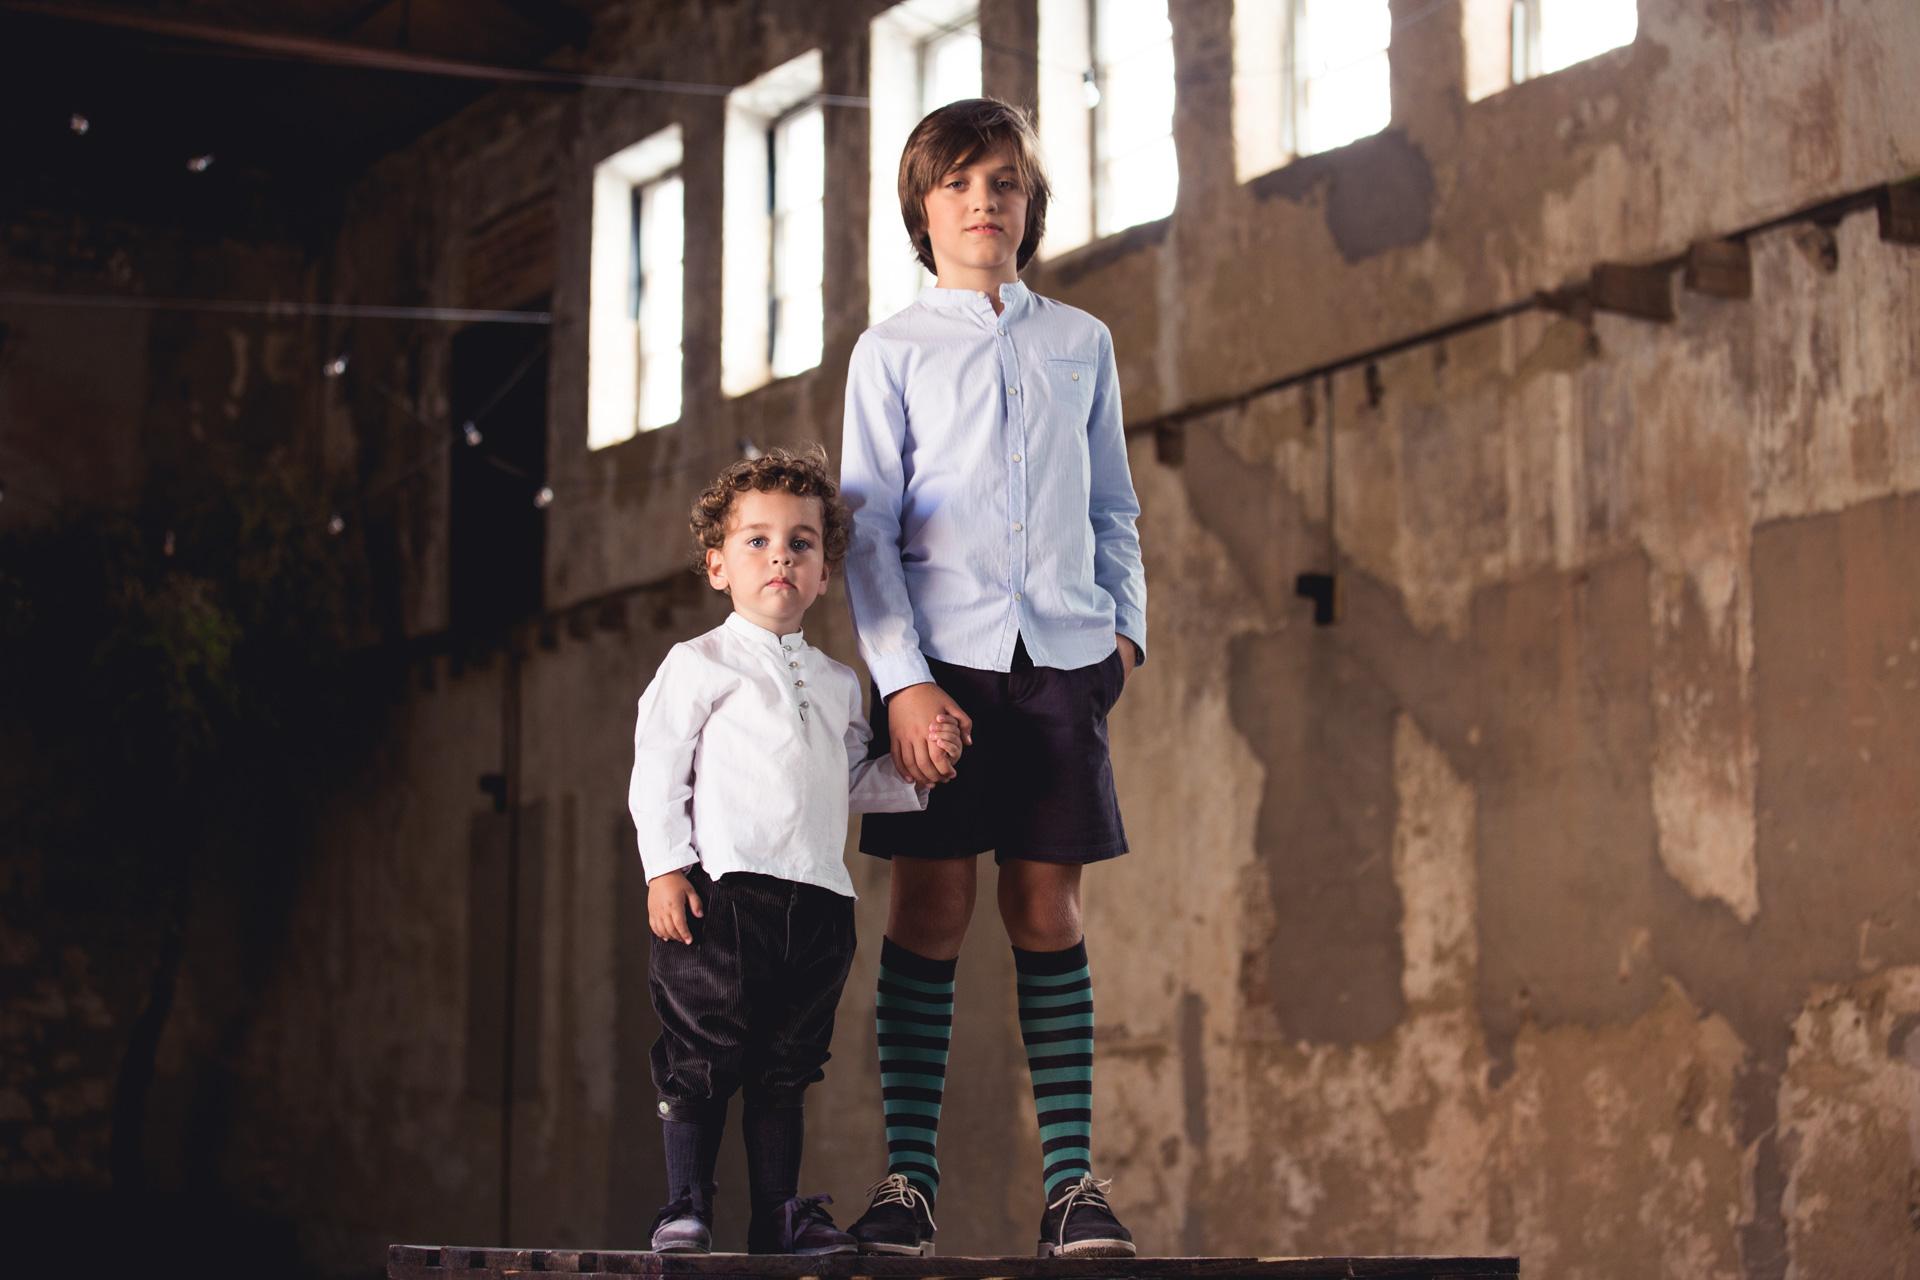 Nueva Colección calzado Otoño Invierno 2016 Pisamonas Niños calzado infantil de calidad